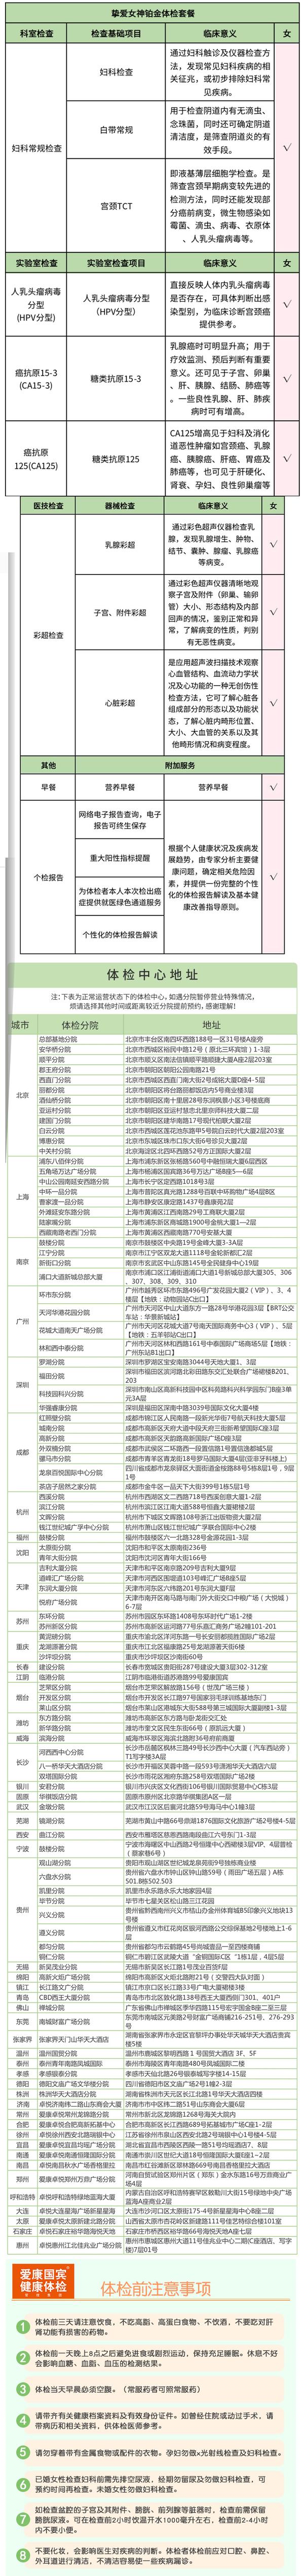 爱康国宾 京东IP联名款挚爱女神铂金体检礼盒套装